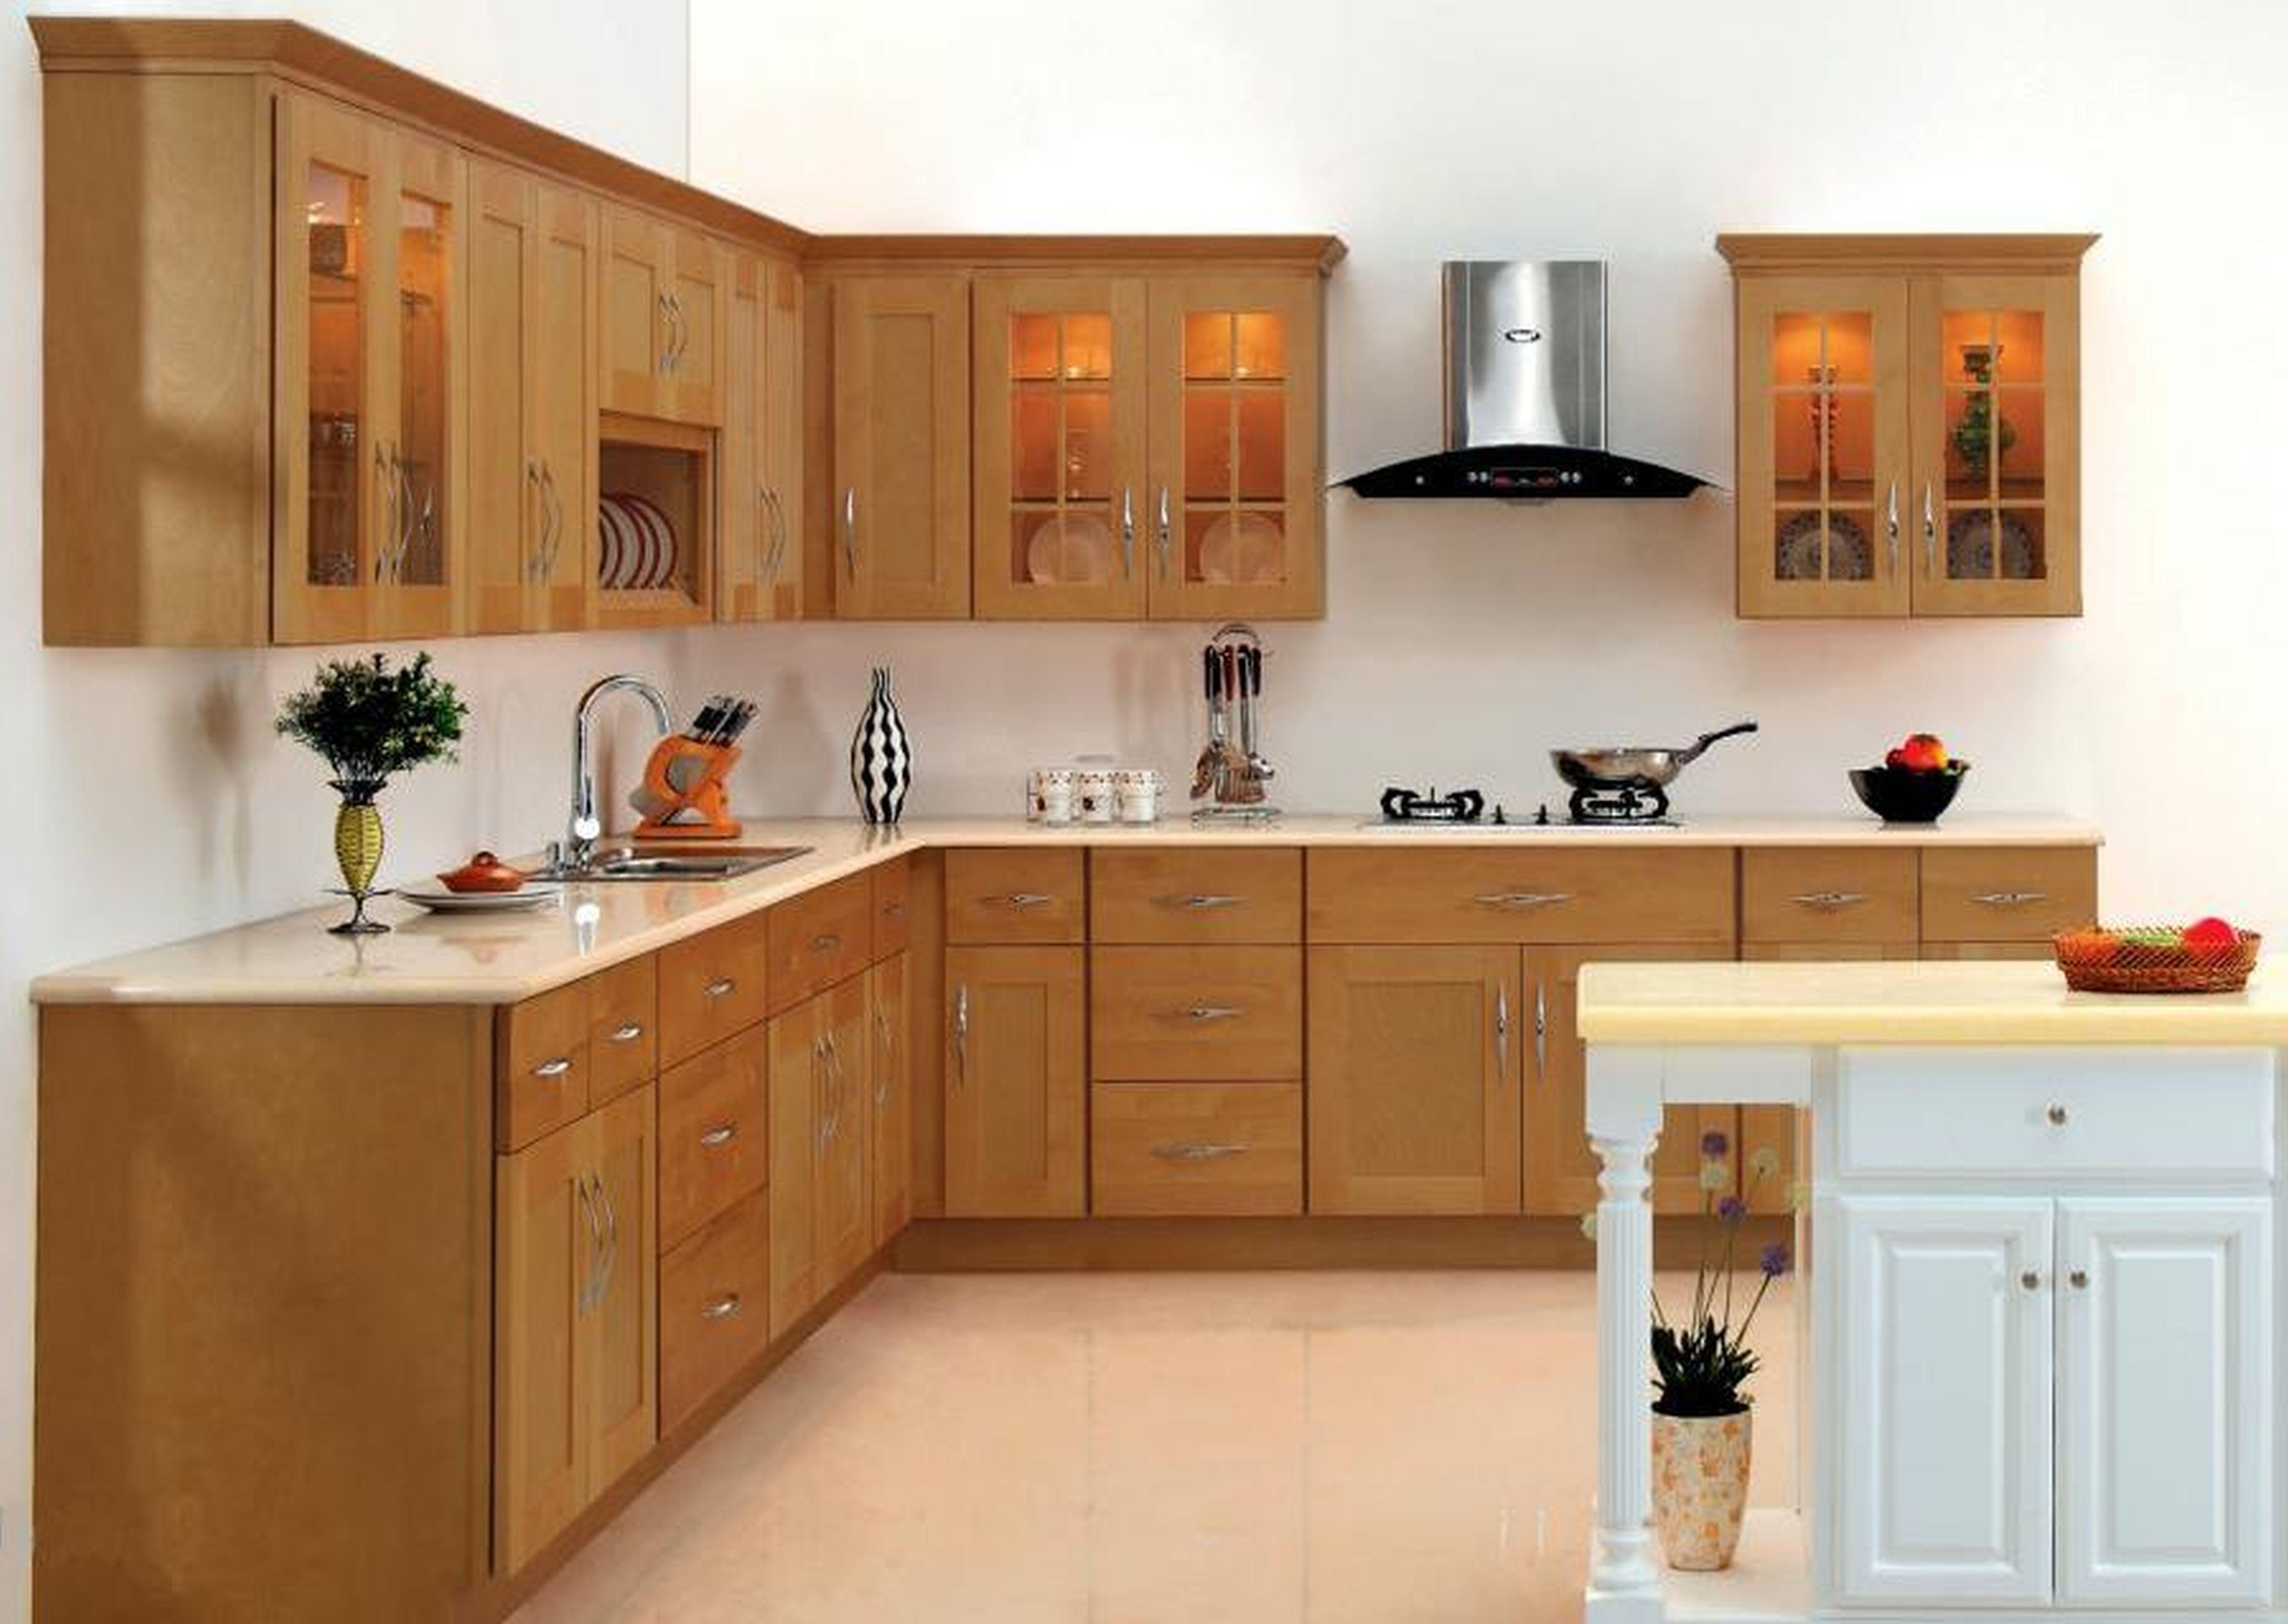 Simple Kitchen Designs Photo Gallery ▻ kitchen design : motivational kitchens designs kitchen design